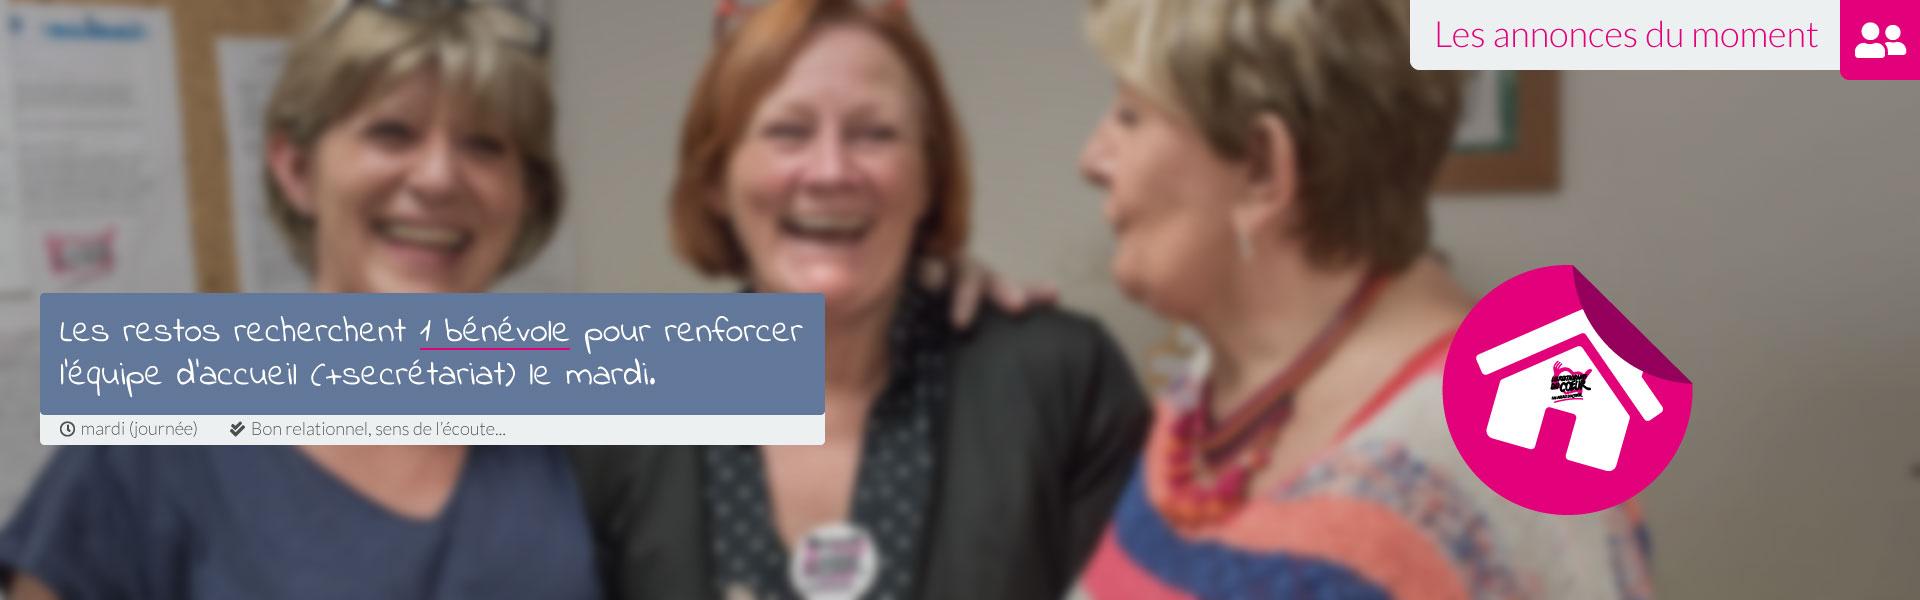 Recherchons un(e) bénévole pour renforcer l'équipe de l'accueil (accueil, standard, secrétariat) au siège social le mardi toute la journée. Cliquez pour nous contacter !